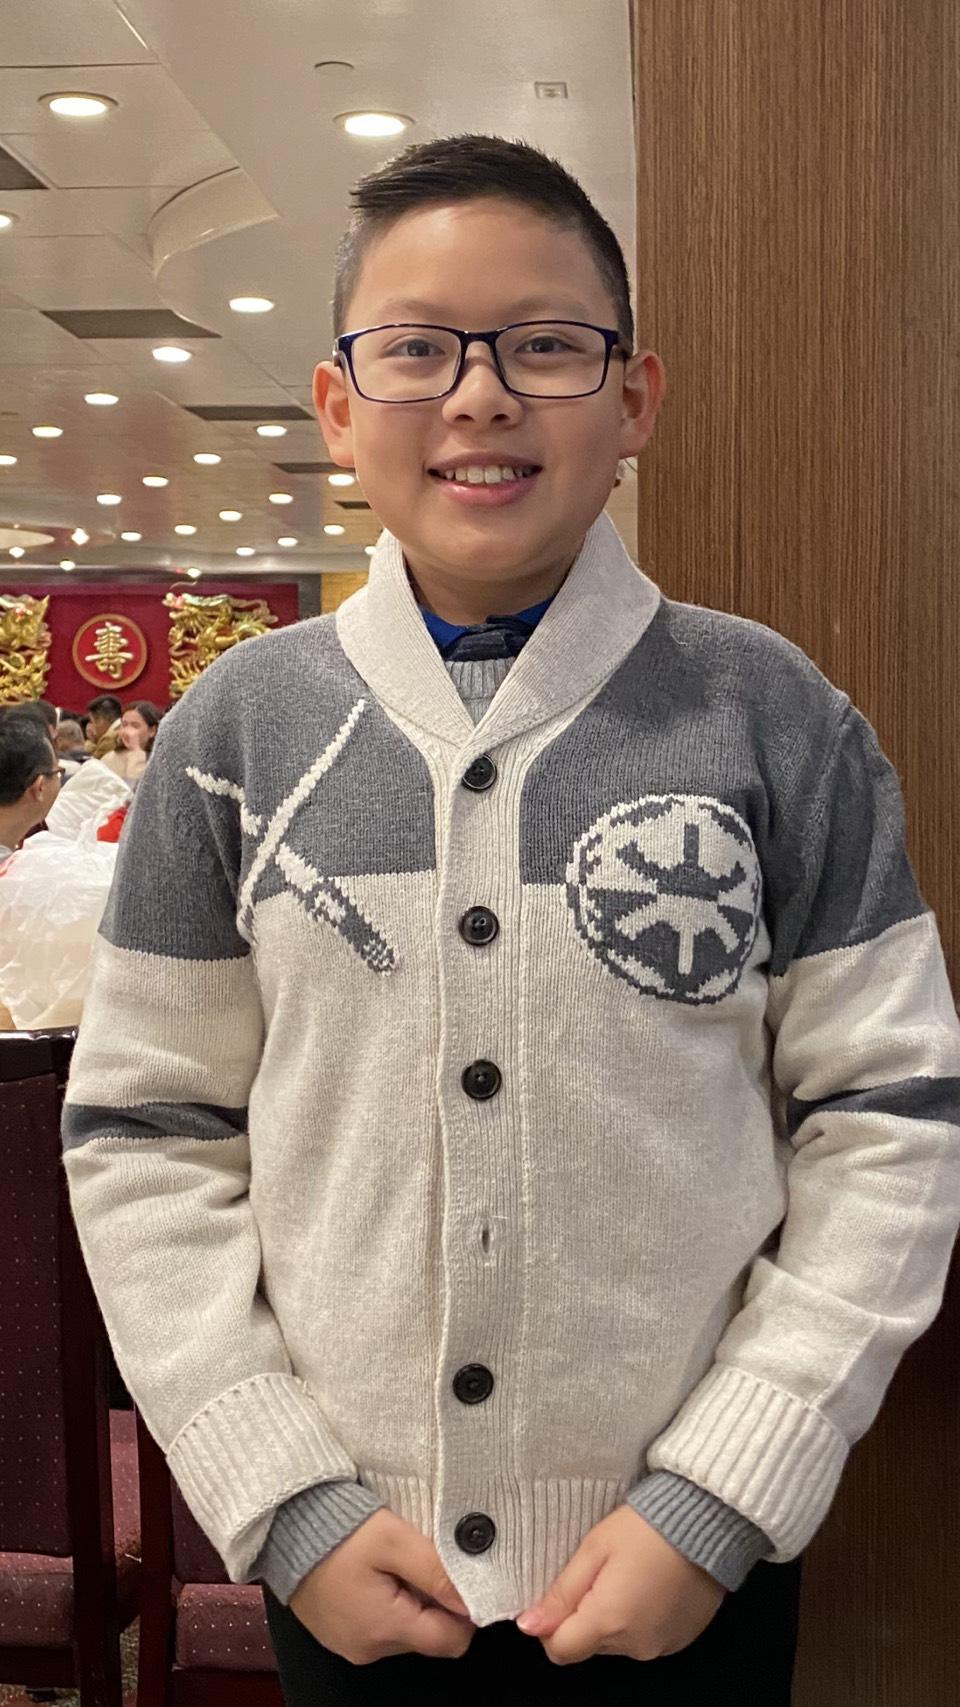 Cậu bé dành hết 10 triệu đồng tiền lì xì để mua khẩu trang tặng miễn phí cho người dân  4